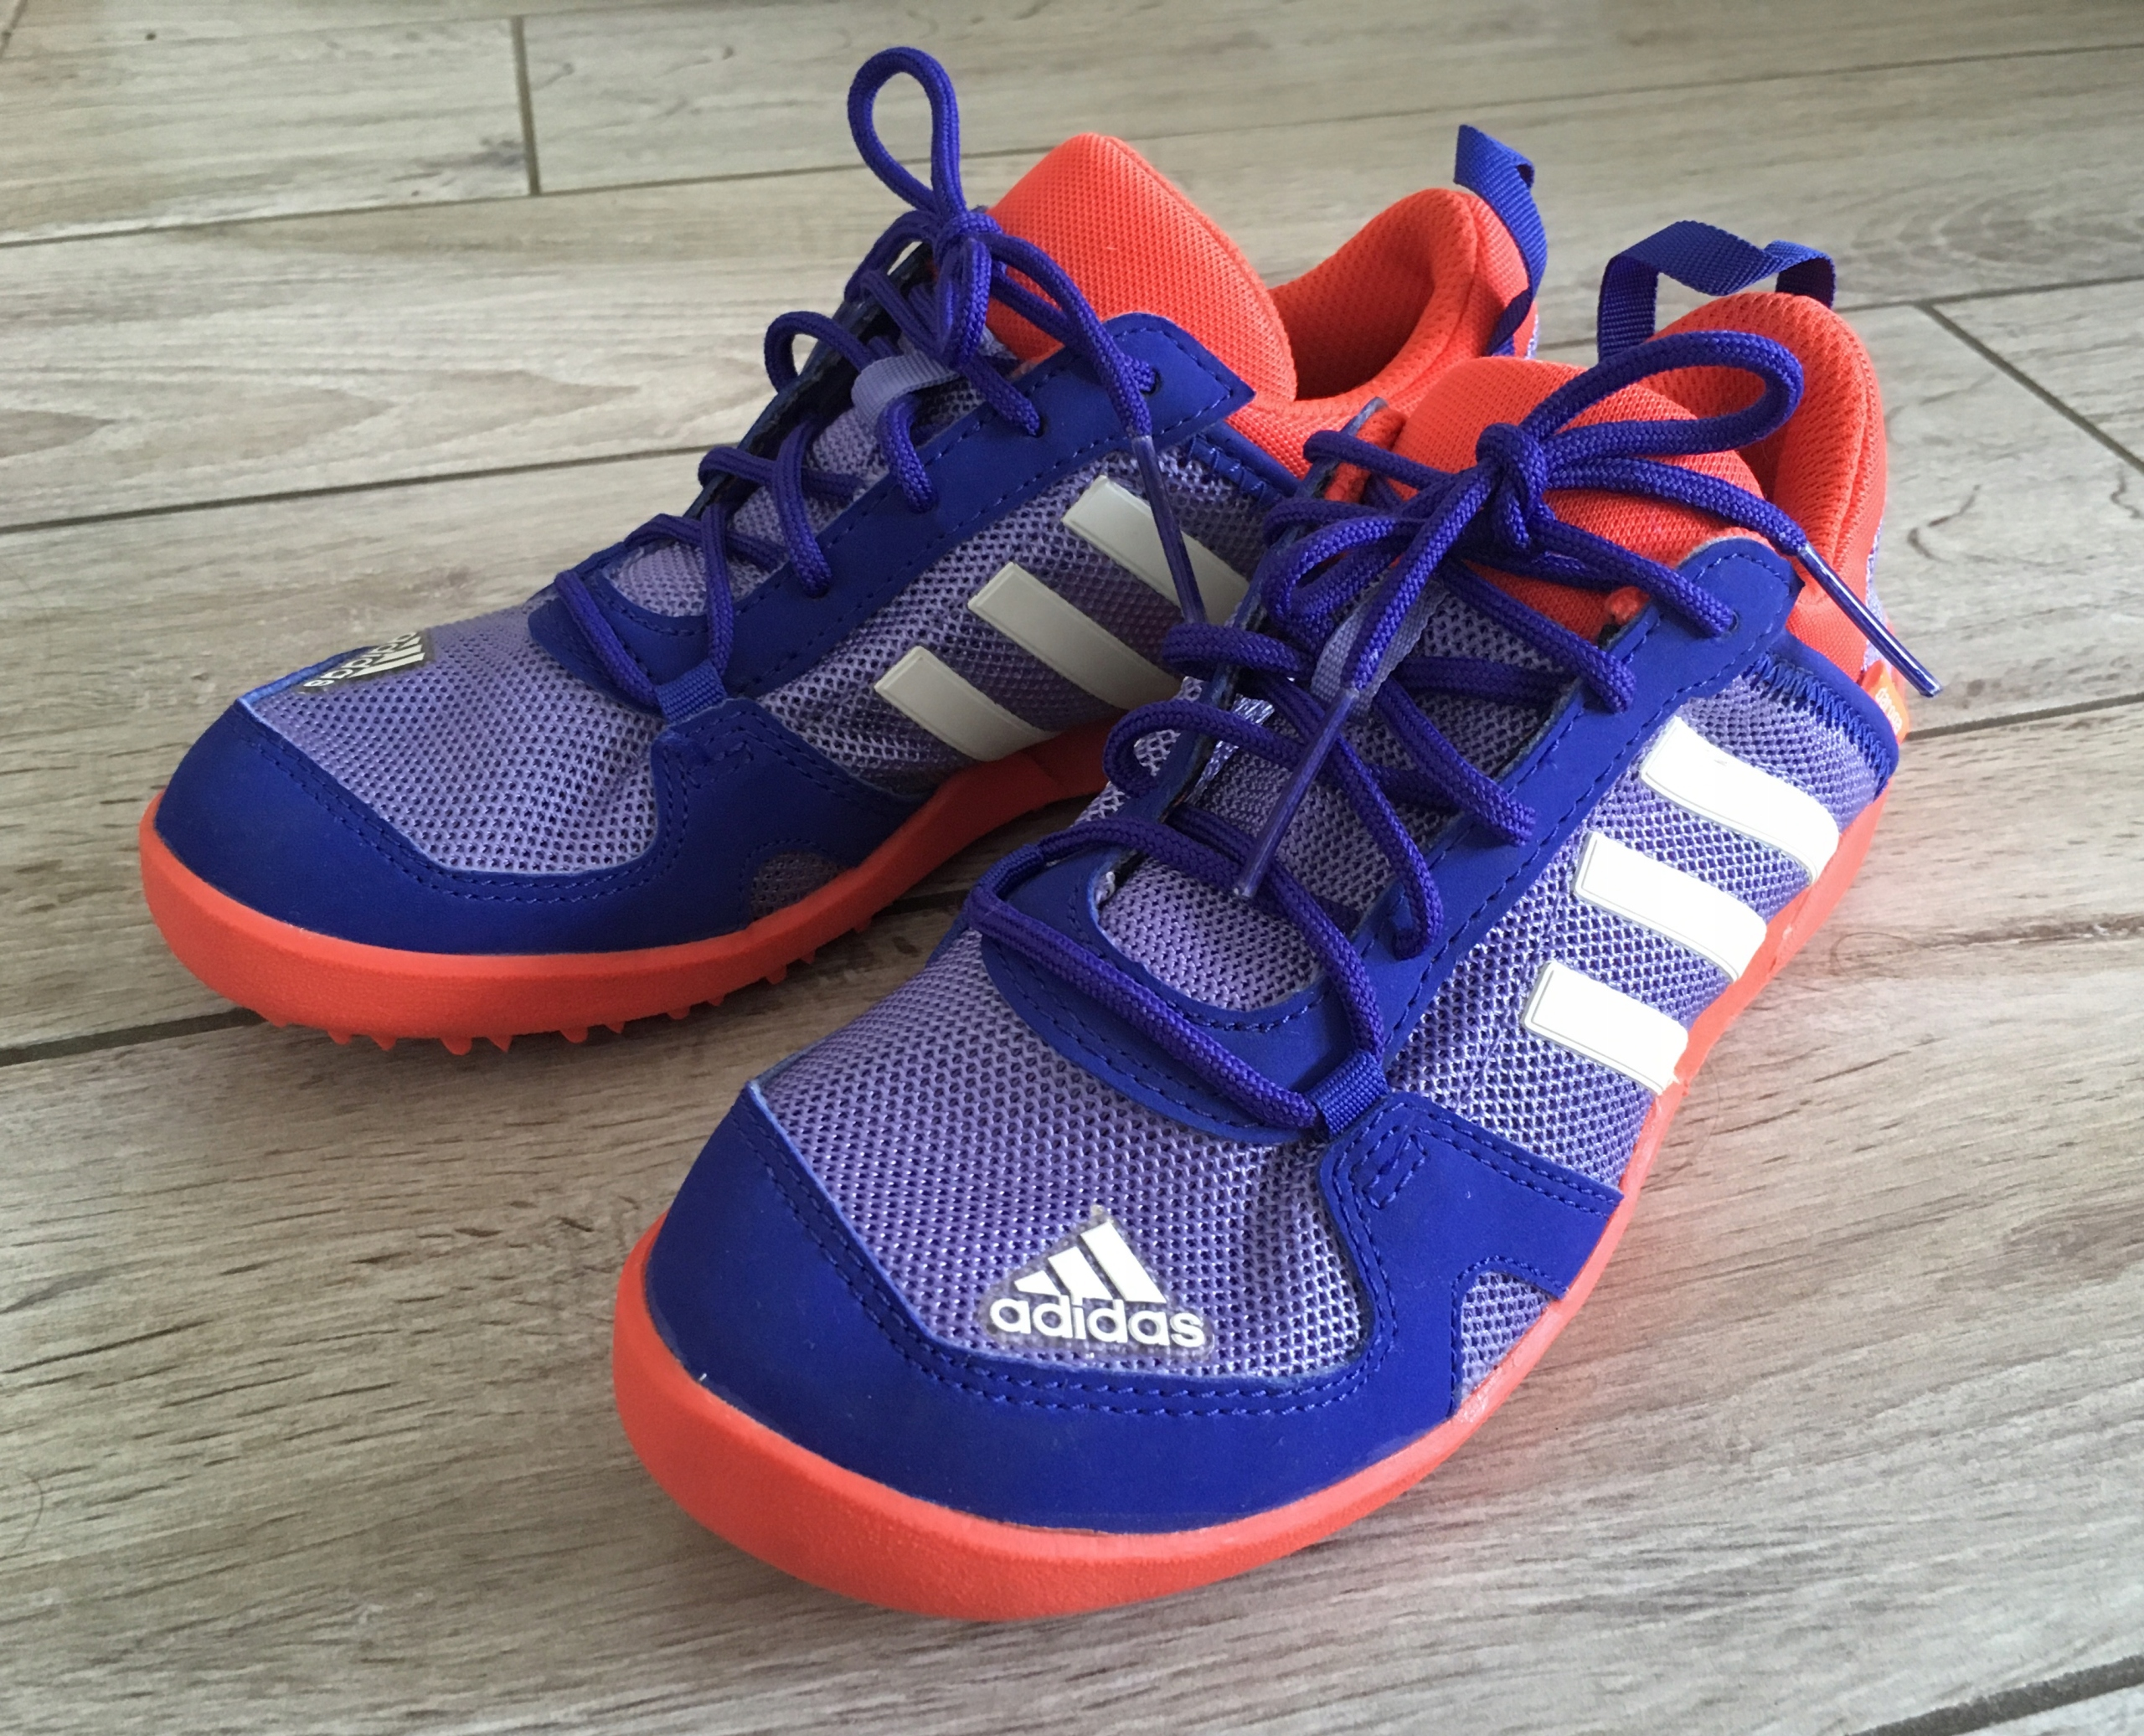 Adidas Daroga r. 33 dł. wkładki 20,5 cm adidasy